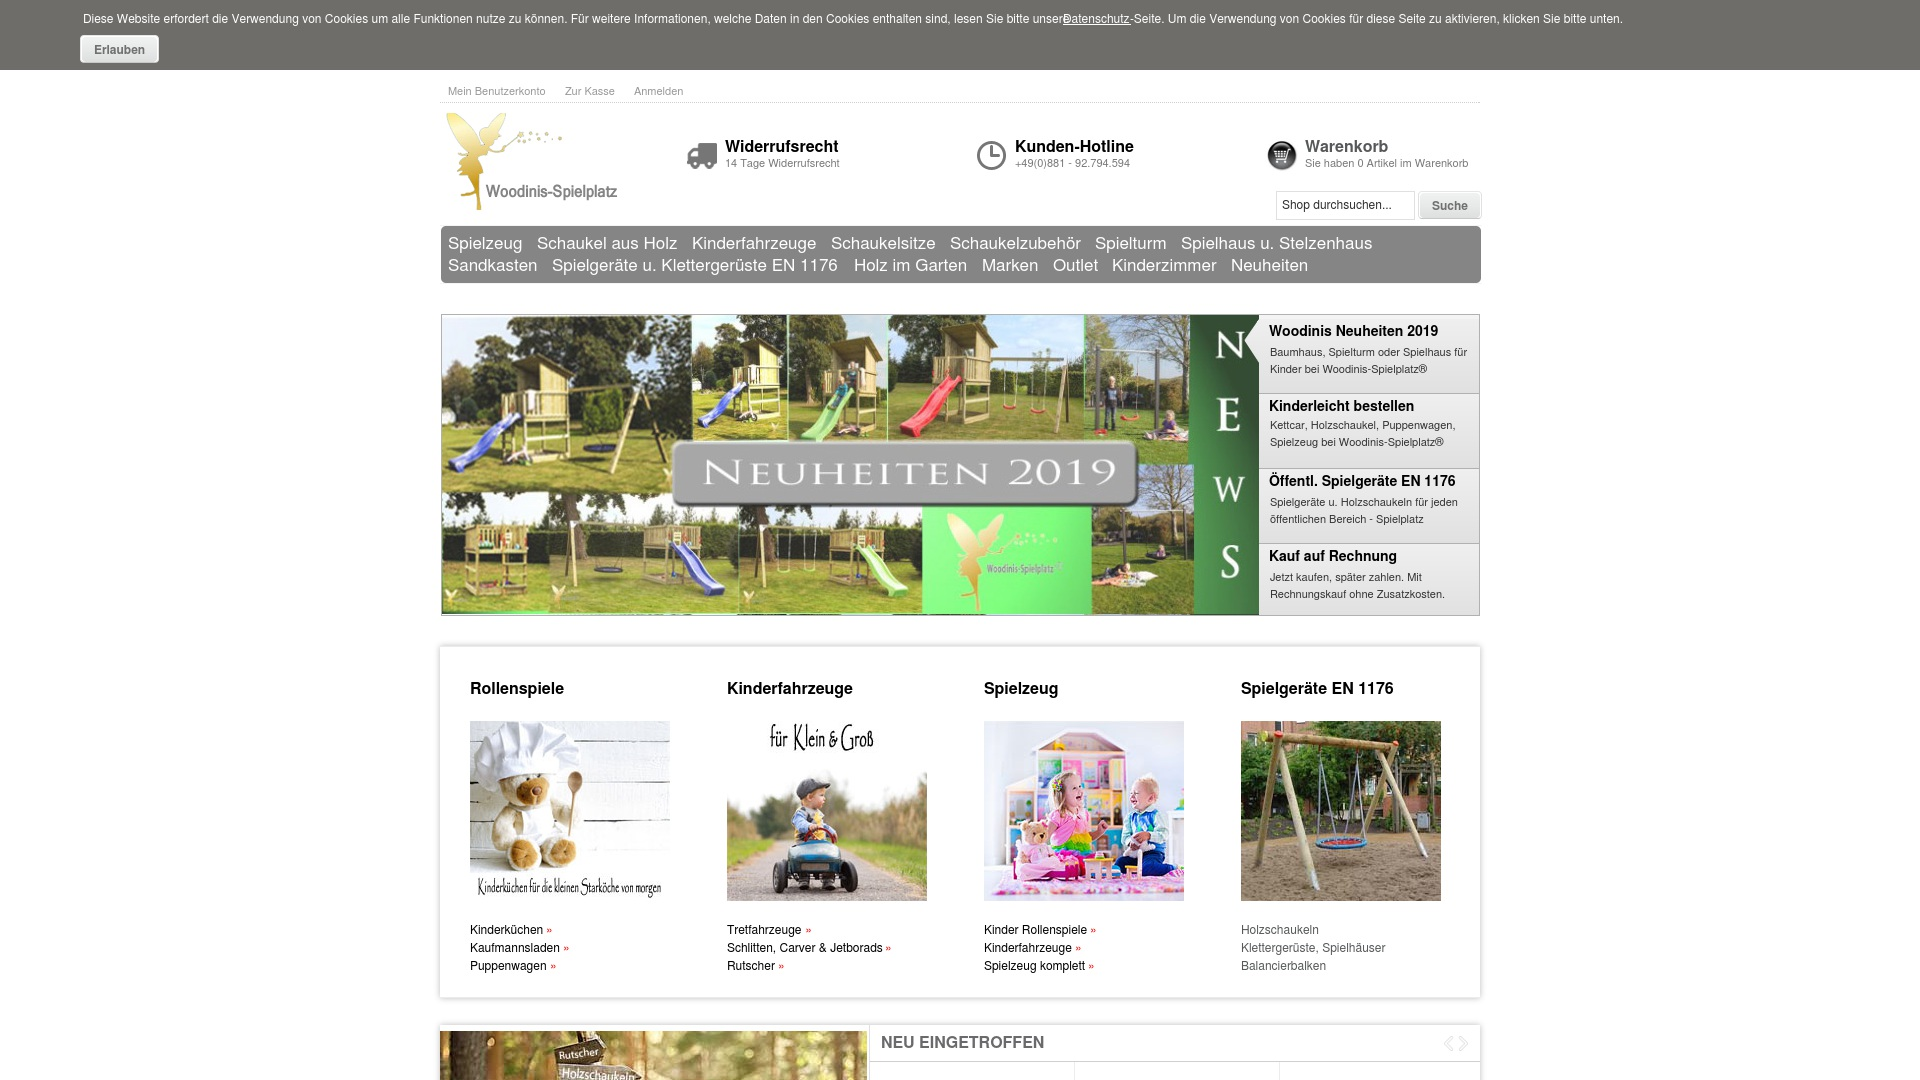 Gutschein für Woodinis-spielplatz: Rabatte für  Woodinis-spielplatz sichern